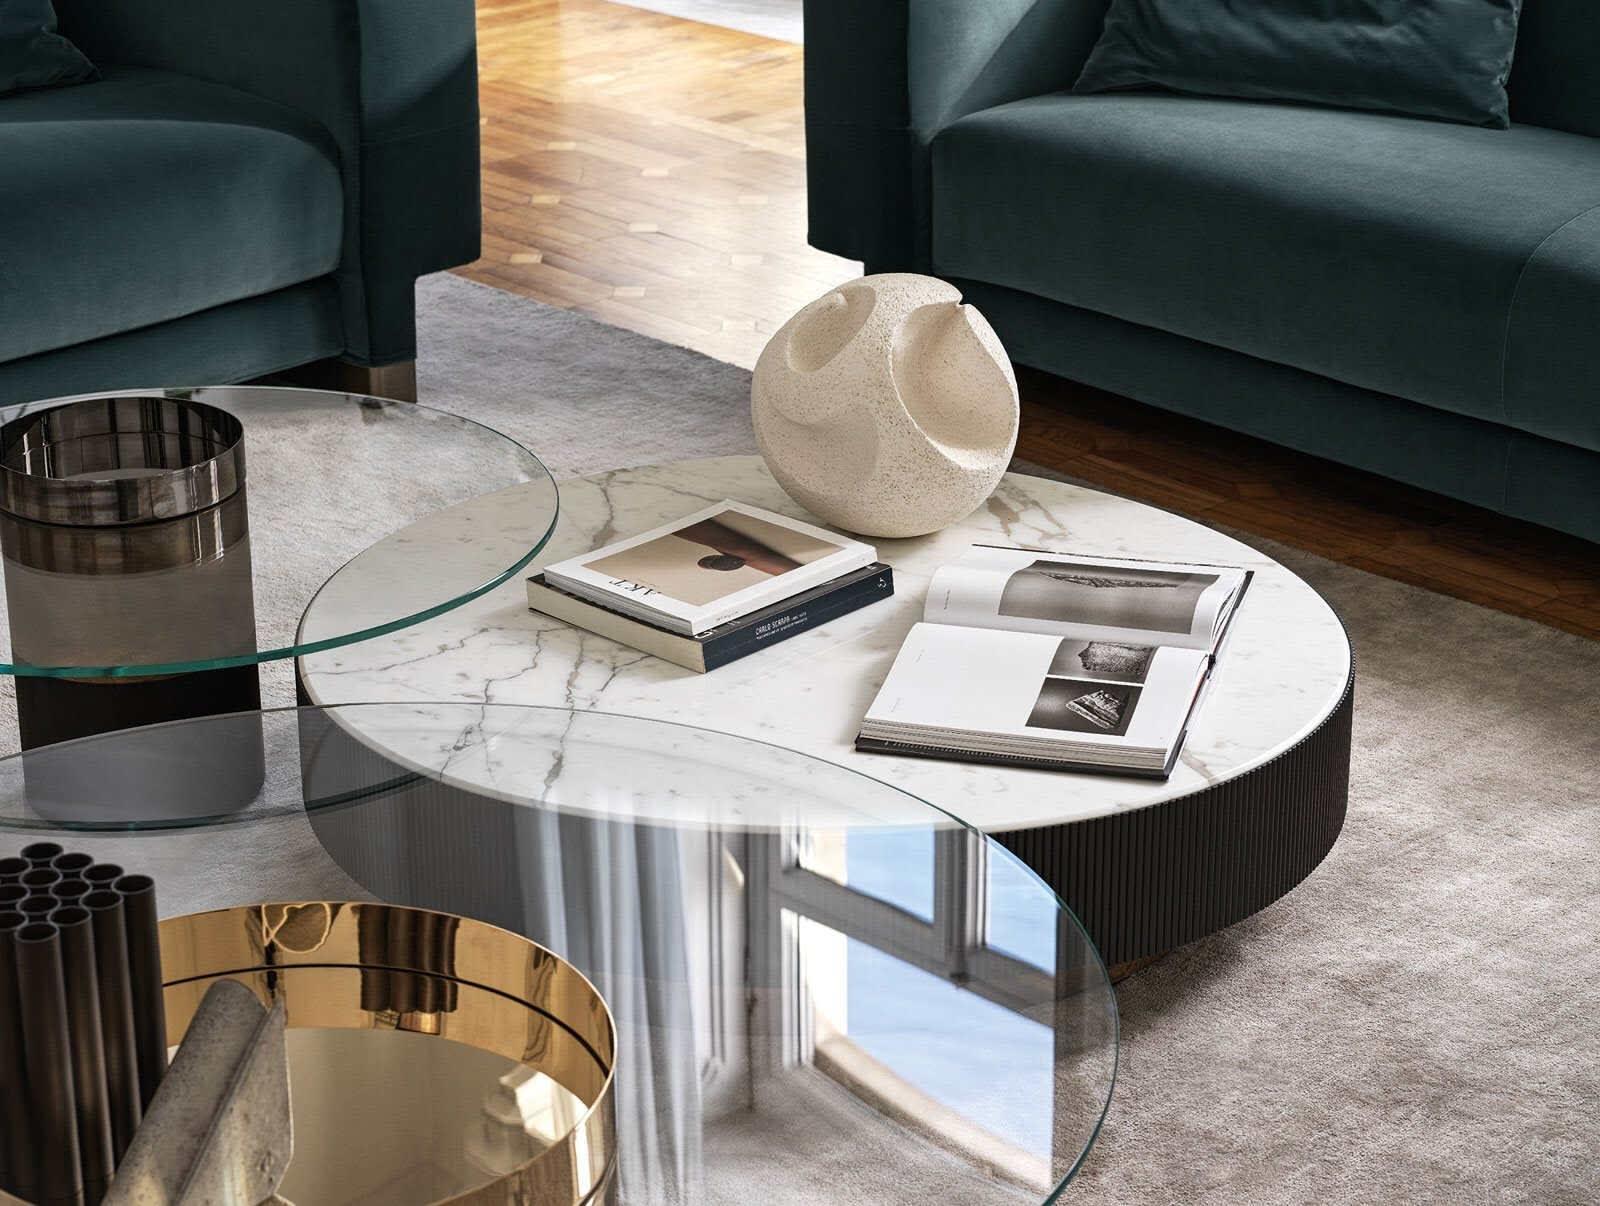 nori-coffee-table